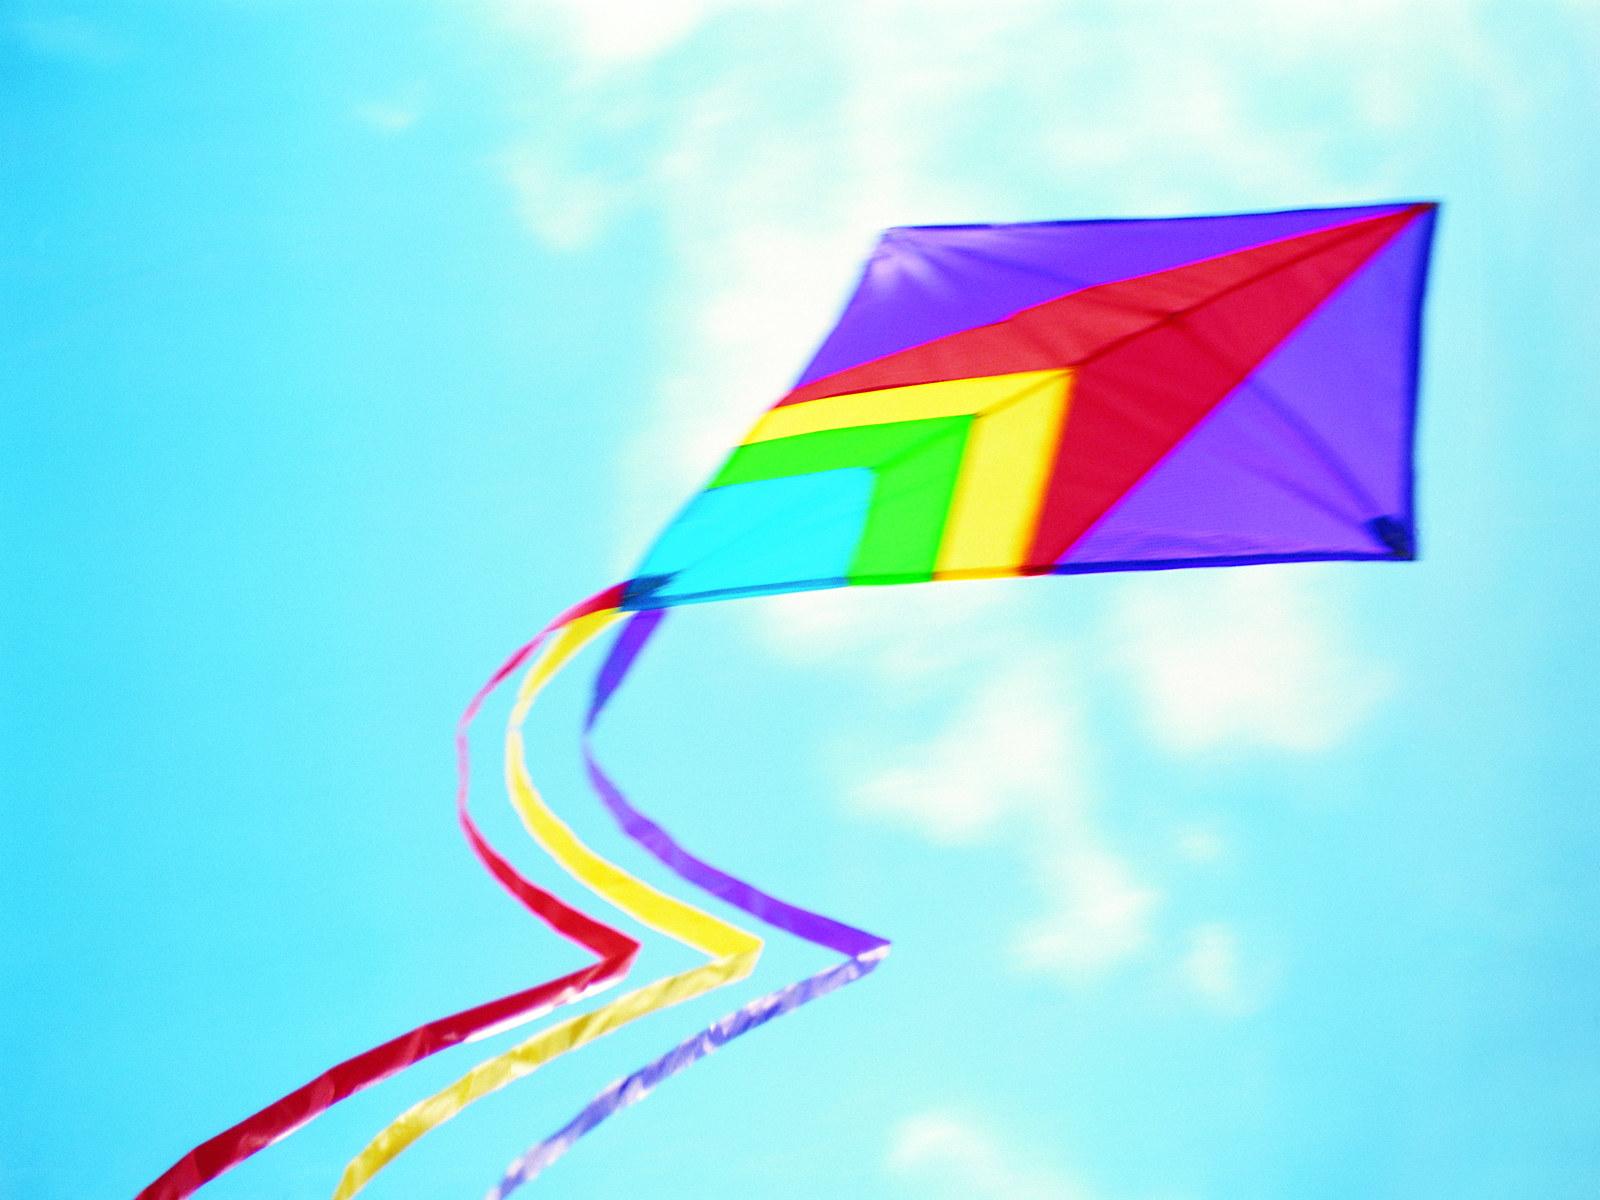 essay on kite flying plight of the kites before i forget biography  pondok nanda sesuatu yang saya impikan sebenarnya ide ini sudah pernah saya tuangkan dalam bentuk essay